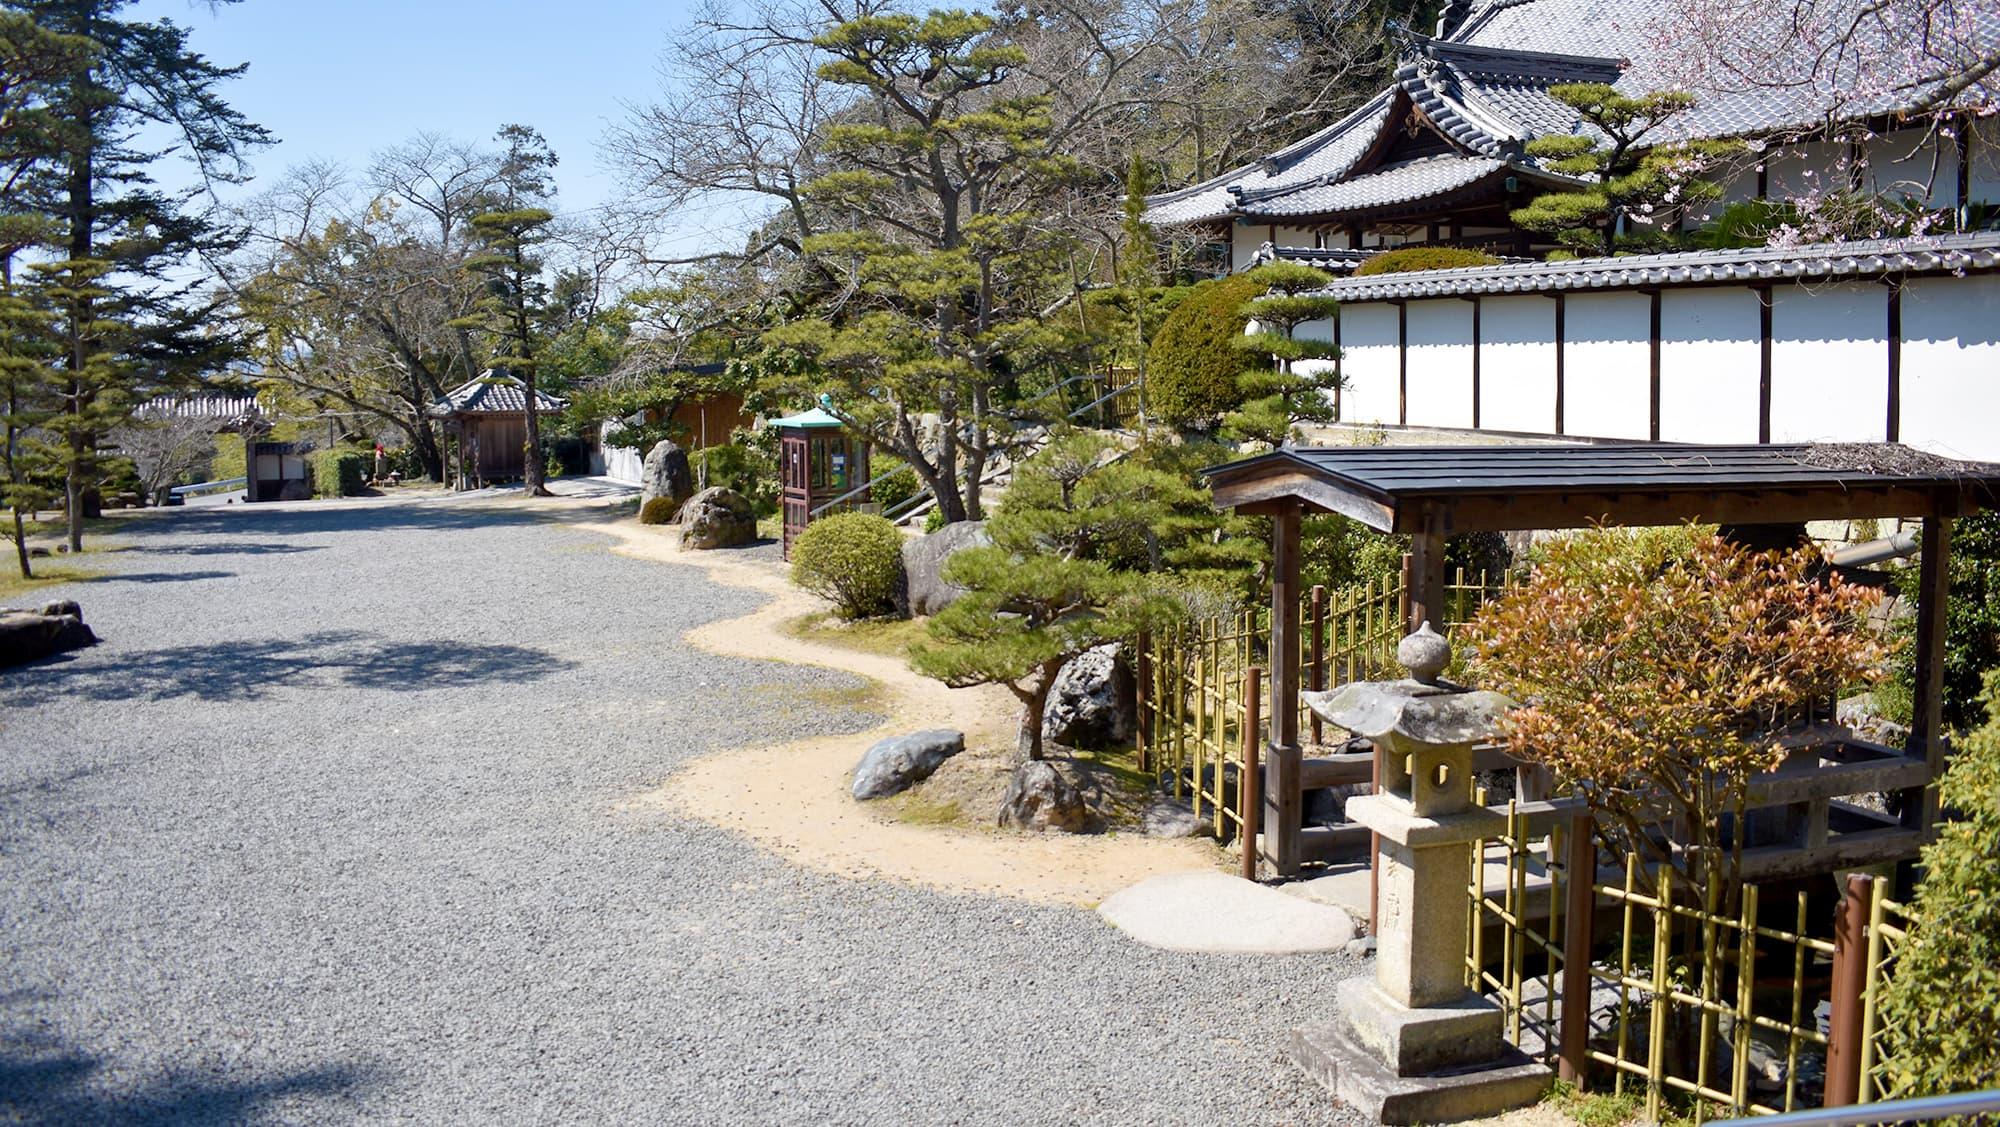 Hanta-ji Temple